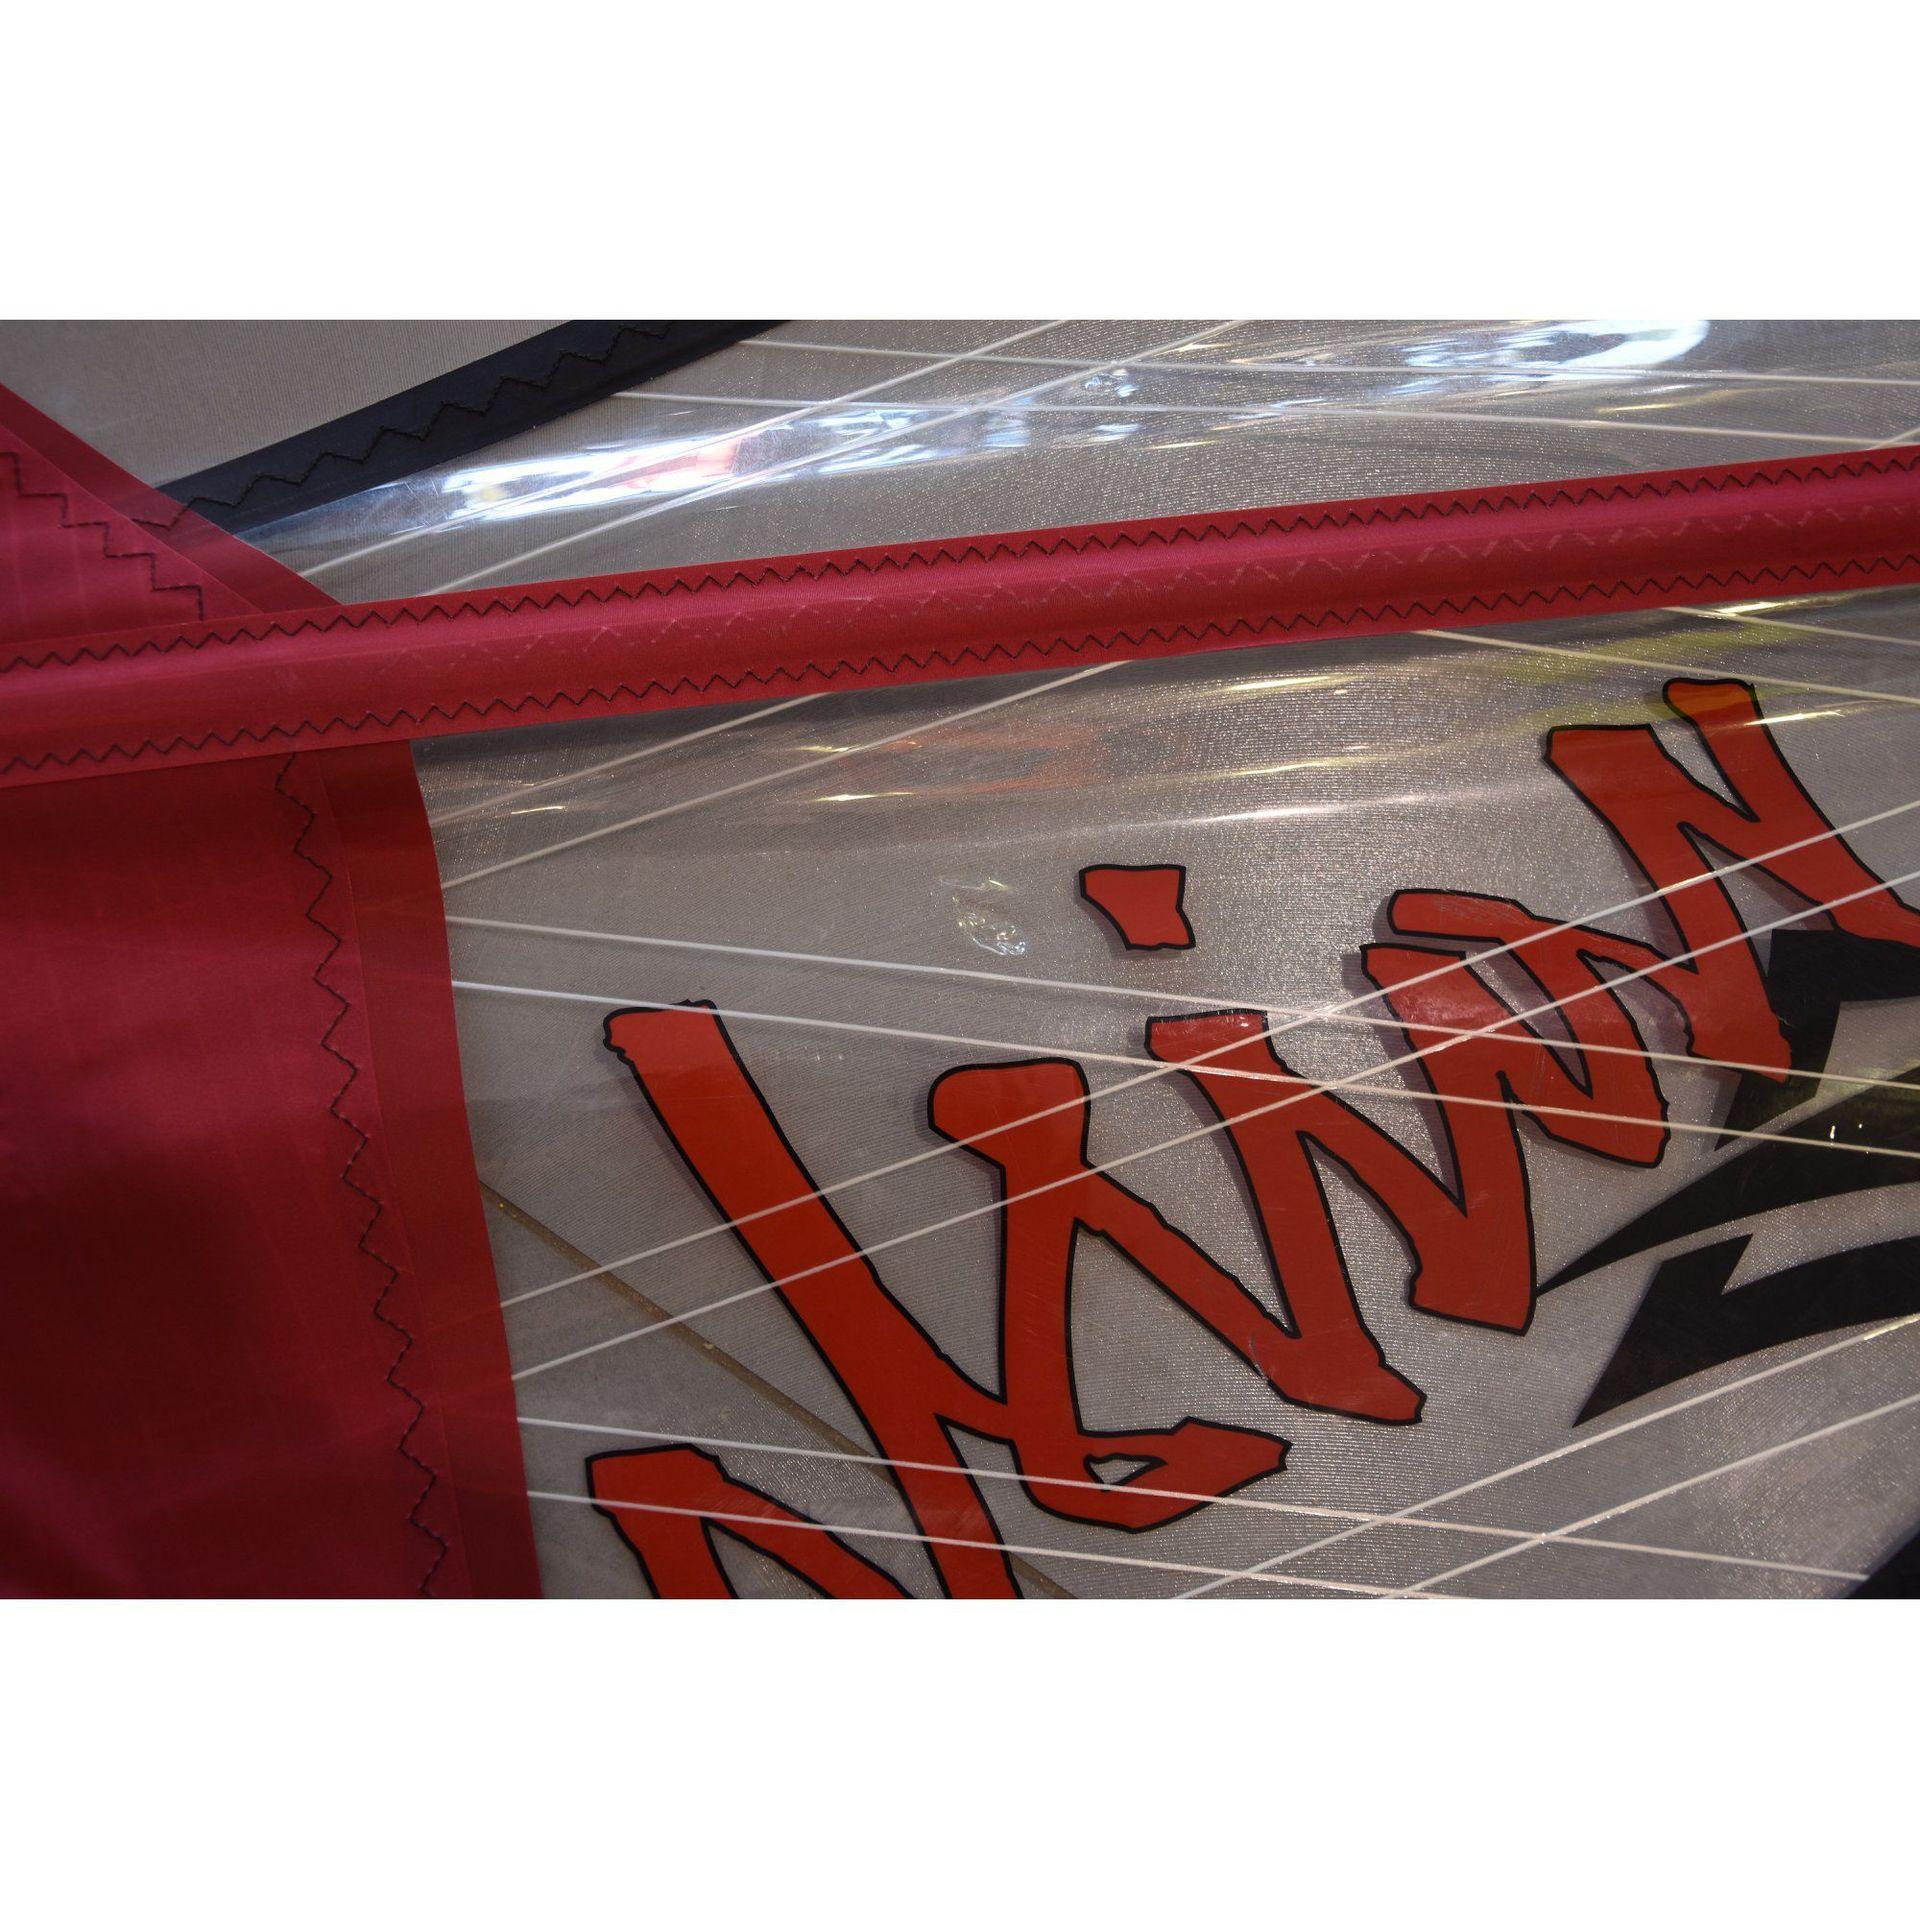 ŻAGIEL NAISH RALLY 2012 4.0 - FREERIDE  (401238) 6